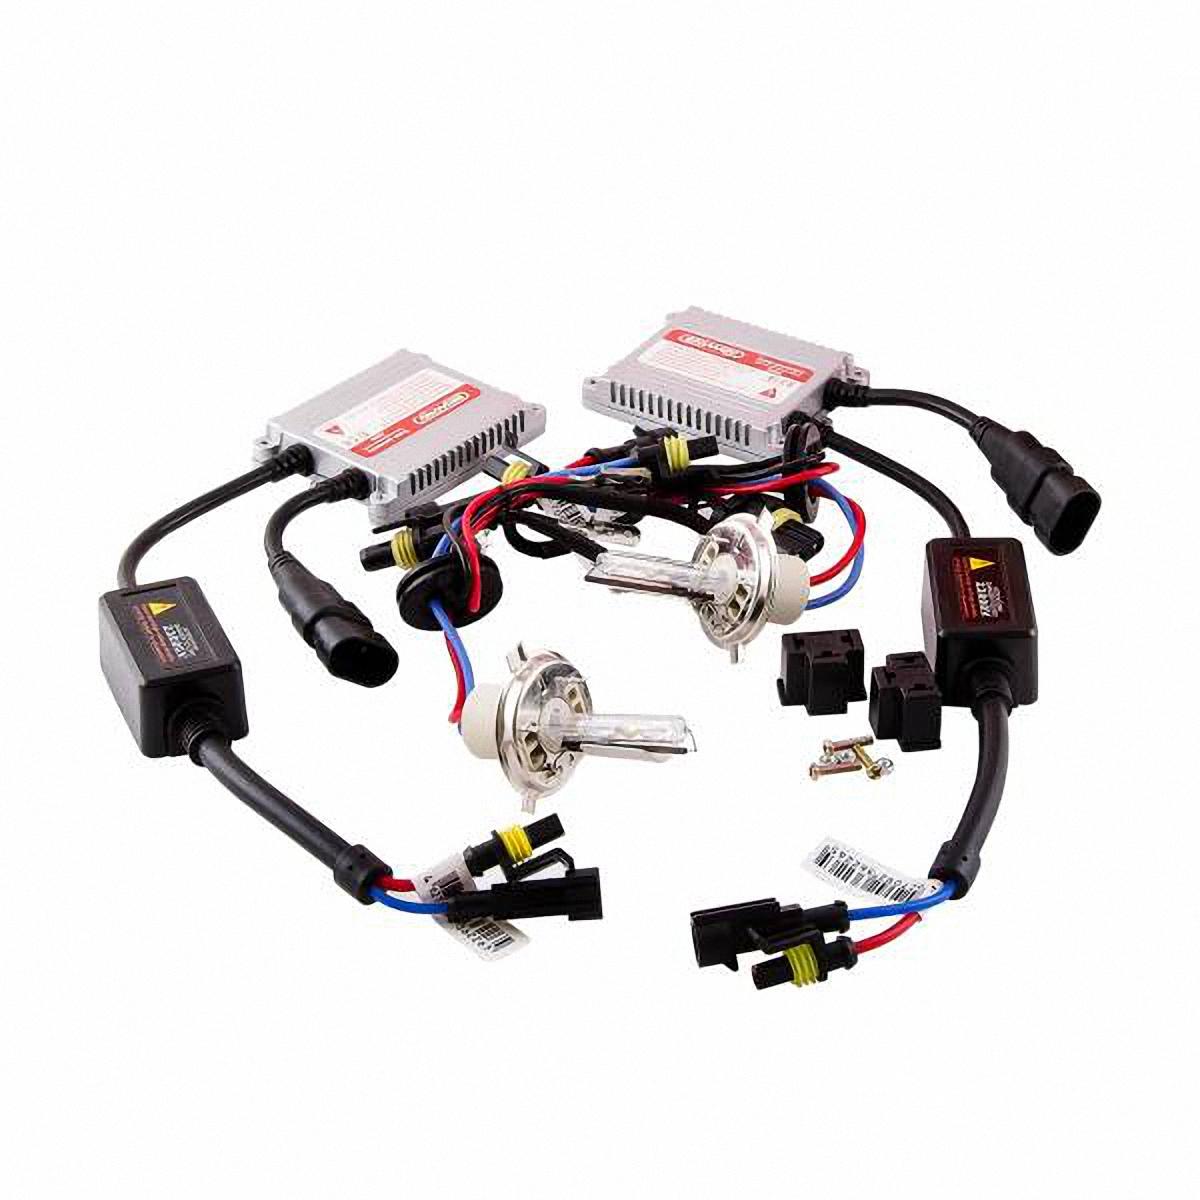 Лампа автомобильная Skyway, ксенон, цоколь H4, 35 Вт, 12 В, 2 шт. SH4 6000KSH4 6000K D13 12V35WЛампы автомобильные Skyway - комплект ксеноновых ламп без блока розжига. Автолампы с цоколем Н4 предназначены для ближнего и дальнего света.Автолампа ксенонSKYWAY устойчива к тряскам, имеет продолжительный срок эксплуатации. За счет лучшего освещениядорожной разметки и дорожных знаков, вы будете чувствовать себя уверенно в плохих погодных условиях и в темное время суток. А мягкий бело-голубой свет лампы не ослепляет водителей встречного потока автомобилей. Особенности: Колба изготовлена из кварцевого стекла Водонепроницаемый корпус Короткое время розжига Срок службы более 3000 часов Излучают на 300 % больше света, чем галогеновые лампы Увеличенная яркость свеченияХарактеристики: Цветовая температура: 6000 К Яркость: 3200 Лм Тип цоколя: Н4 Диапазон входного напряжения: 9-32 В Потребляемая мощность: 35 Вт Комплектация: Лампа газоразрядная ксеноновая - 2 шт. Блок розжига – 2 шт.Винты для блока розжига – 6 шт.Гарантийный талон – 1 шт.Инструкция - 1 шт.